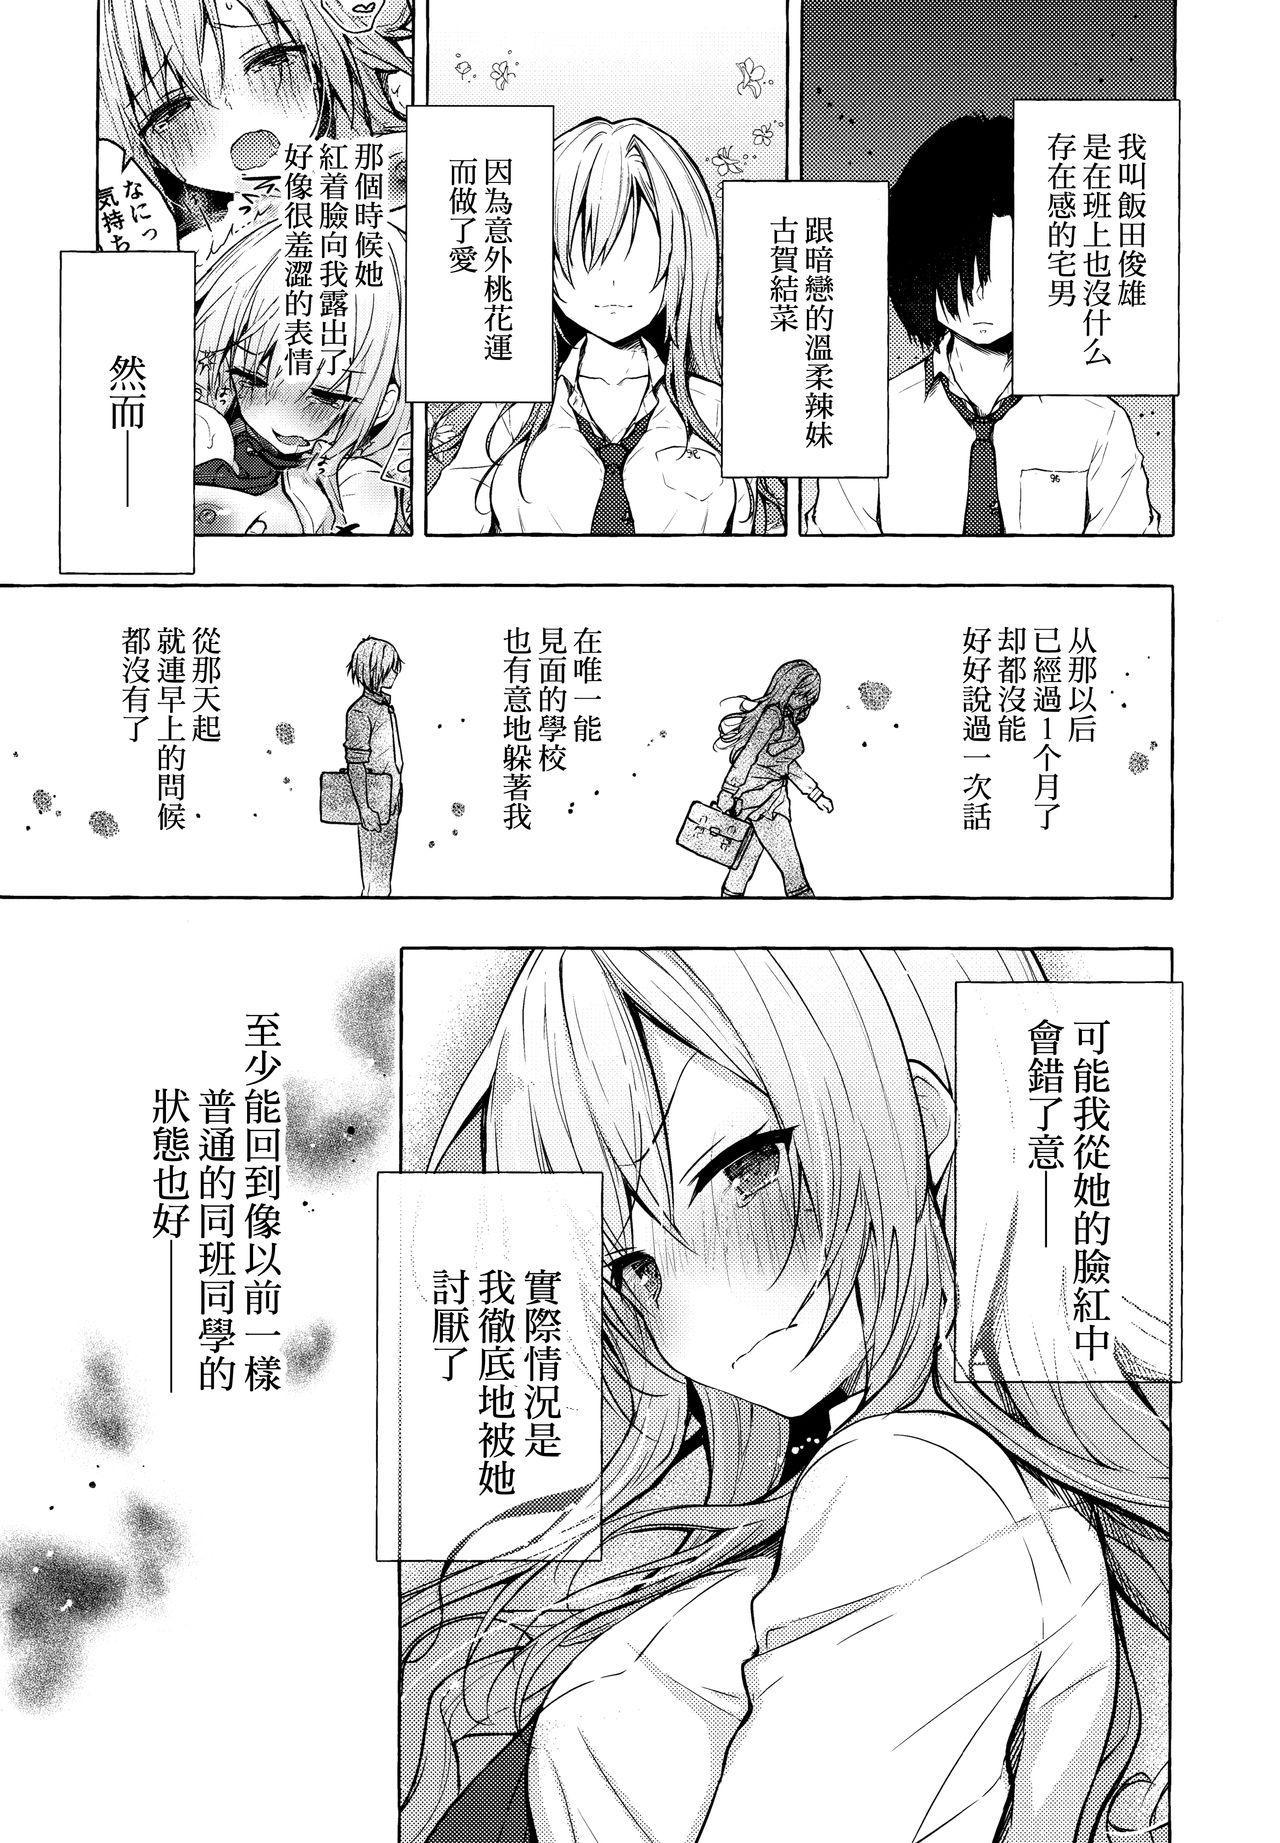 (Akihabara Chou Doujinsai) [Kinokonomi (konomi)] Gal Yuina-chan to Ecchi 2 -Kataomoi no Kanojo ga Boku ni Sekimen!?-  [Chinese] [兔司姬漢化組] 4